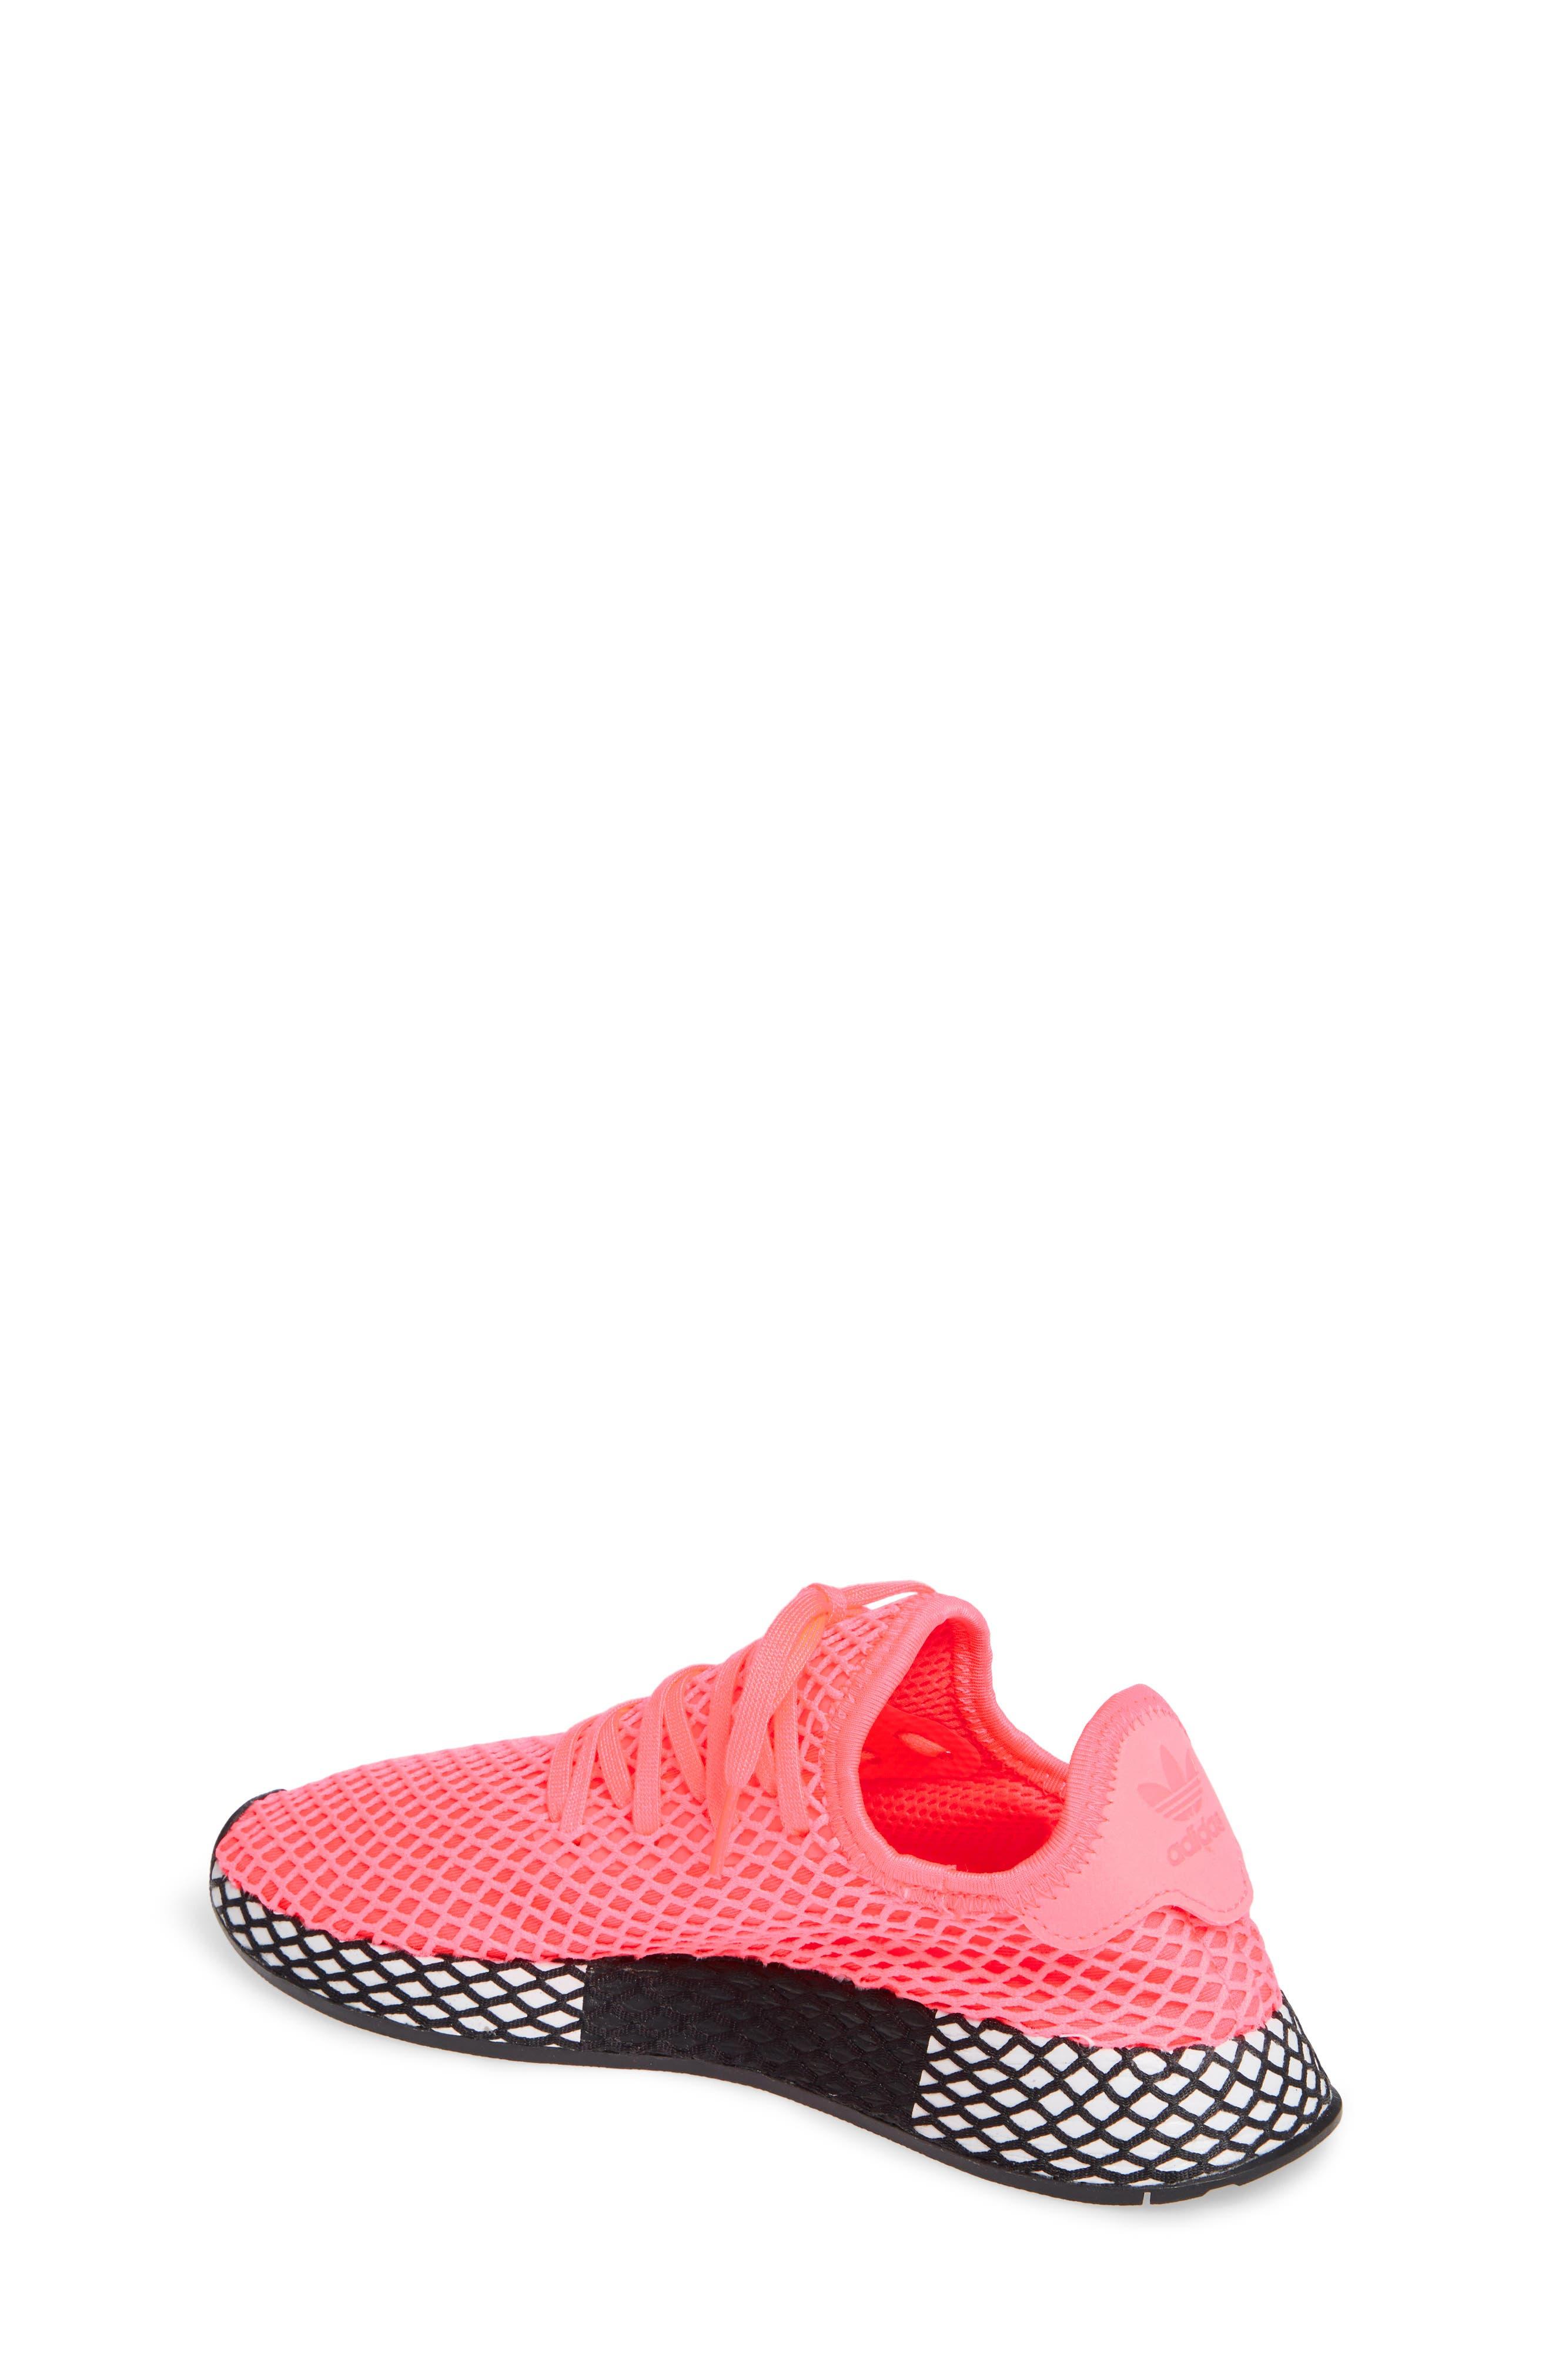 Deerupt Runner Sneaker,                             Alternate thumbnail 2, color,                             Turbo/ Turbo/ Black